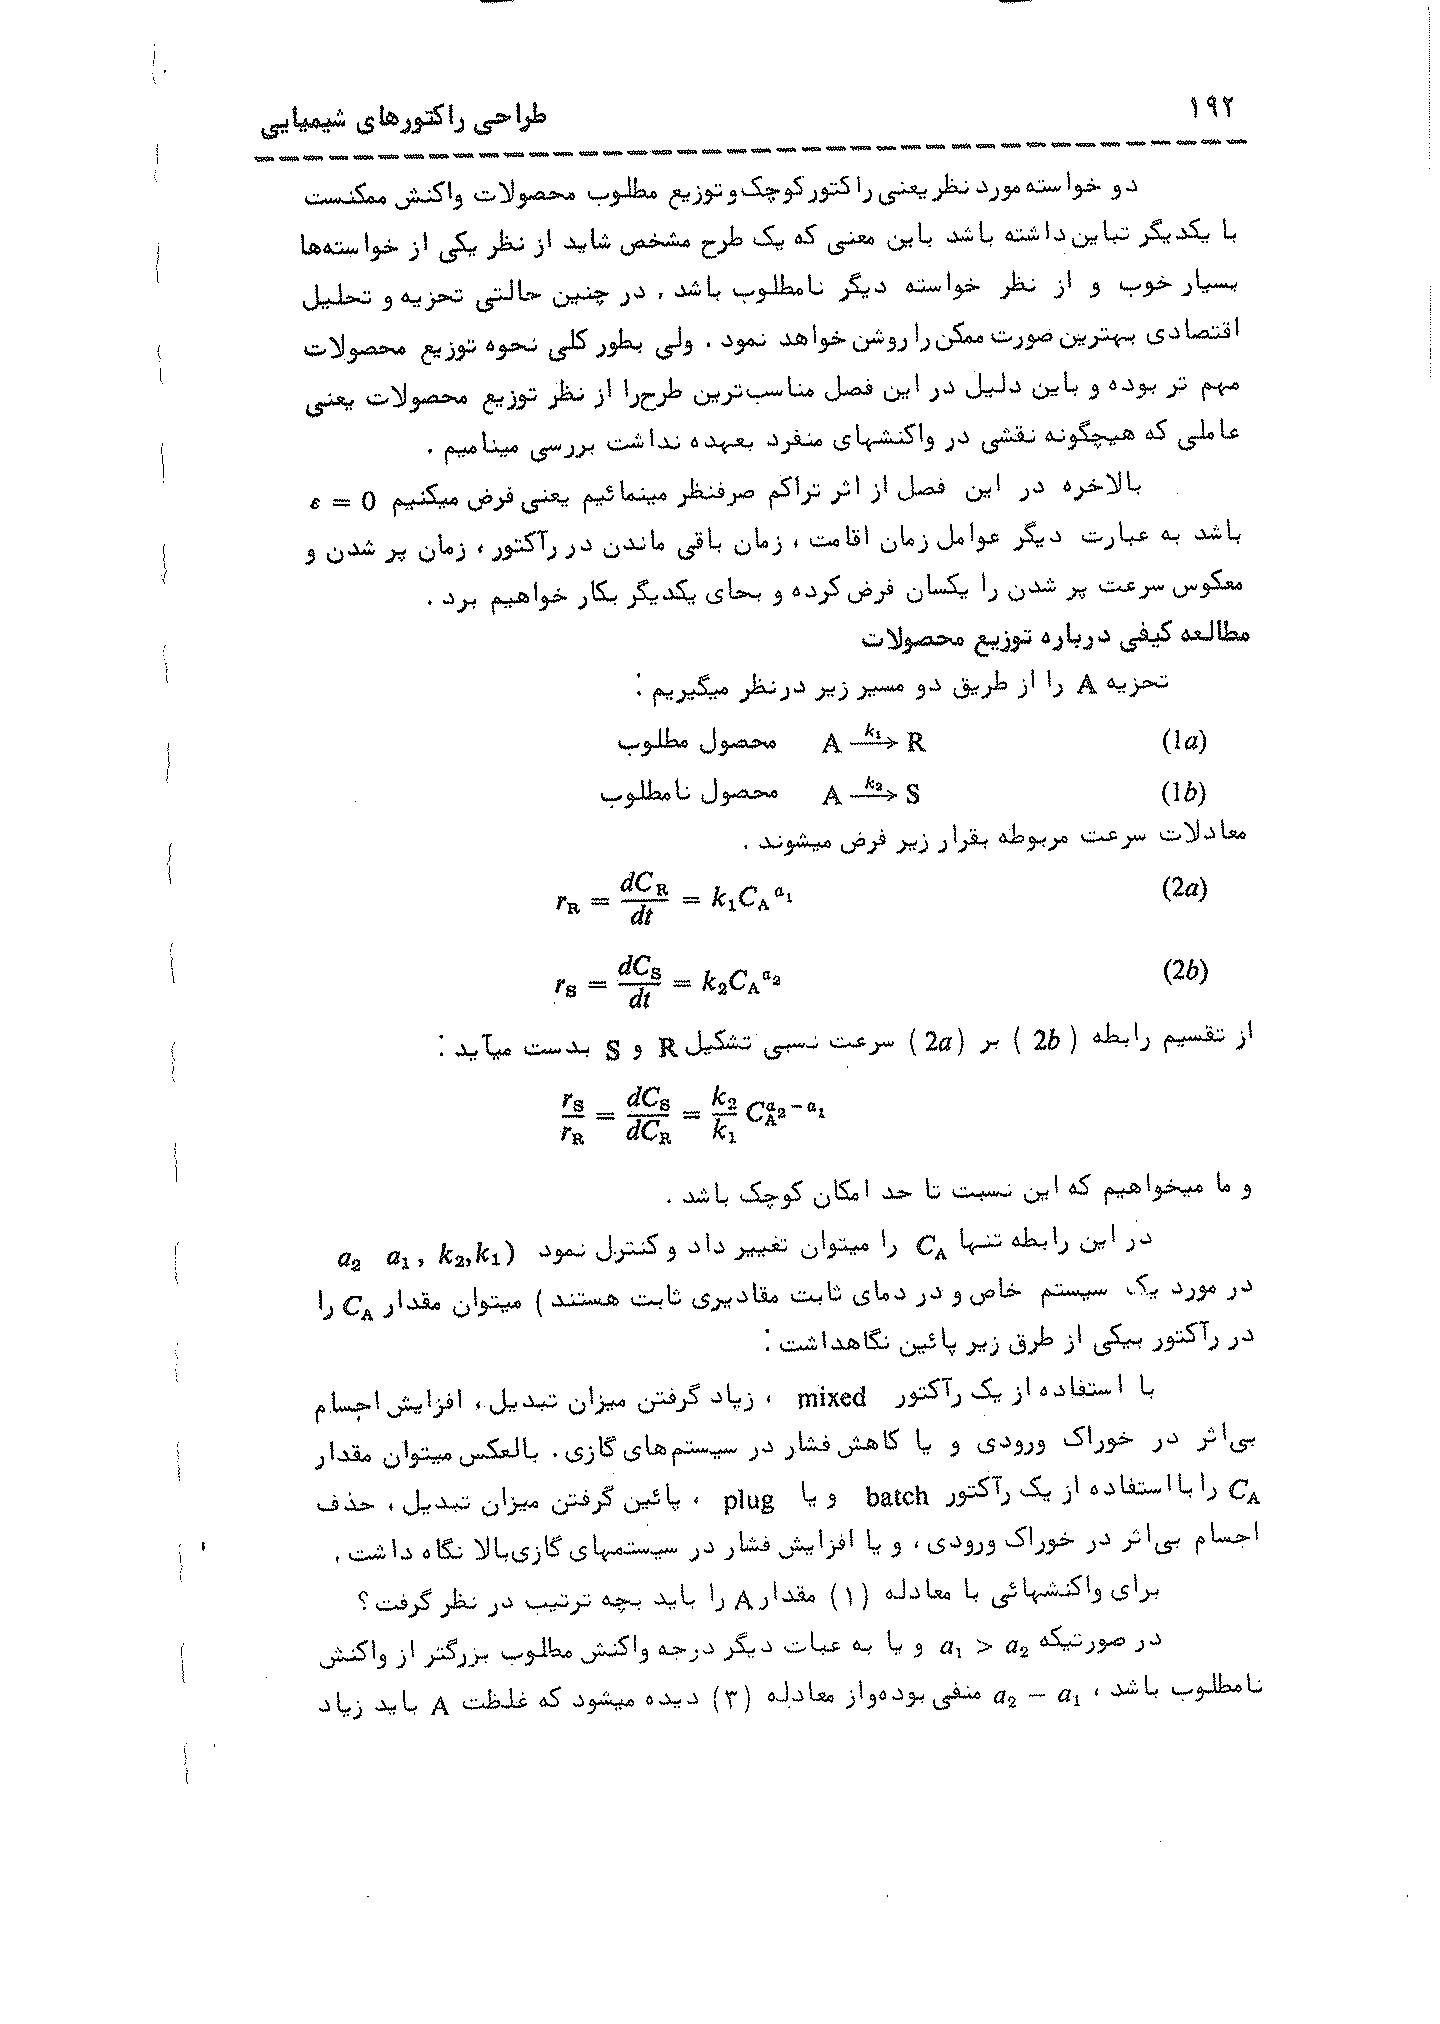 کتاب راکتور لون اشپیل ترجمه دکتر سهرابی